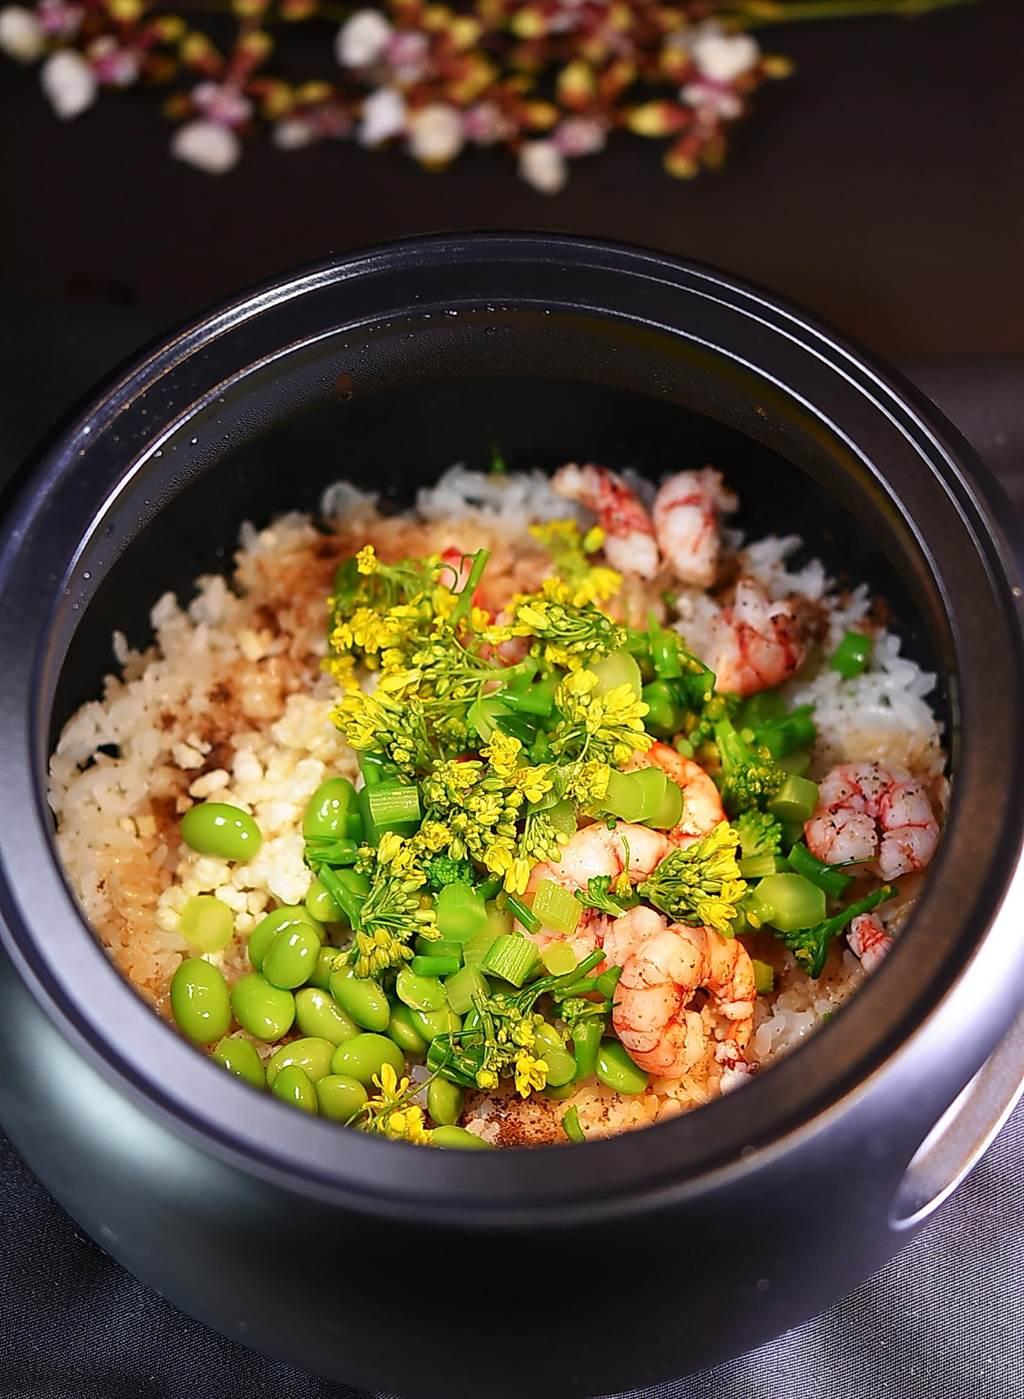 〈飞花落院〉的〈季节野菜釜饭〉,透过食材搭配,顏色也「非常春天」、引人食欲。(图/姚舜)